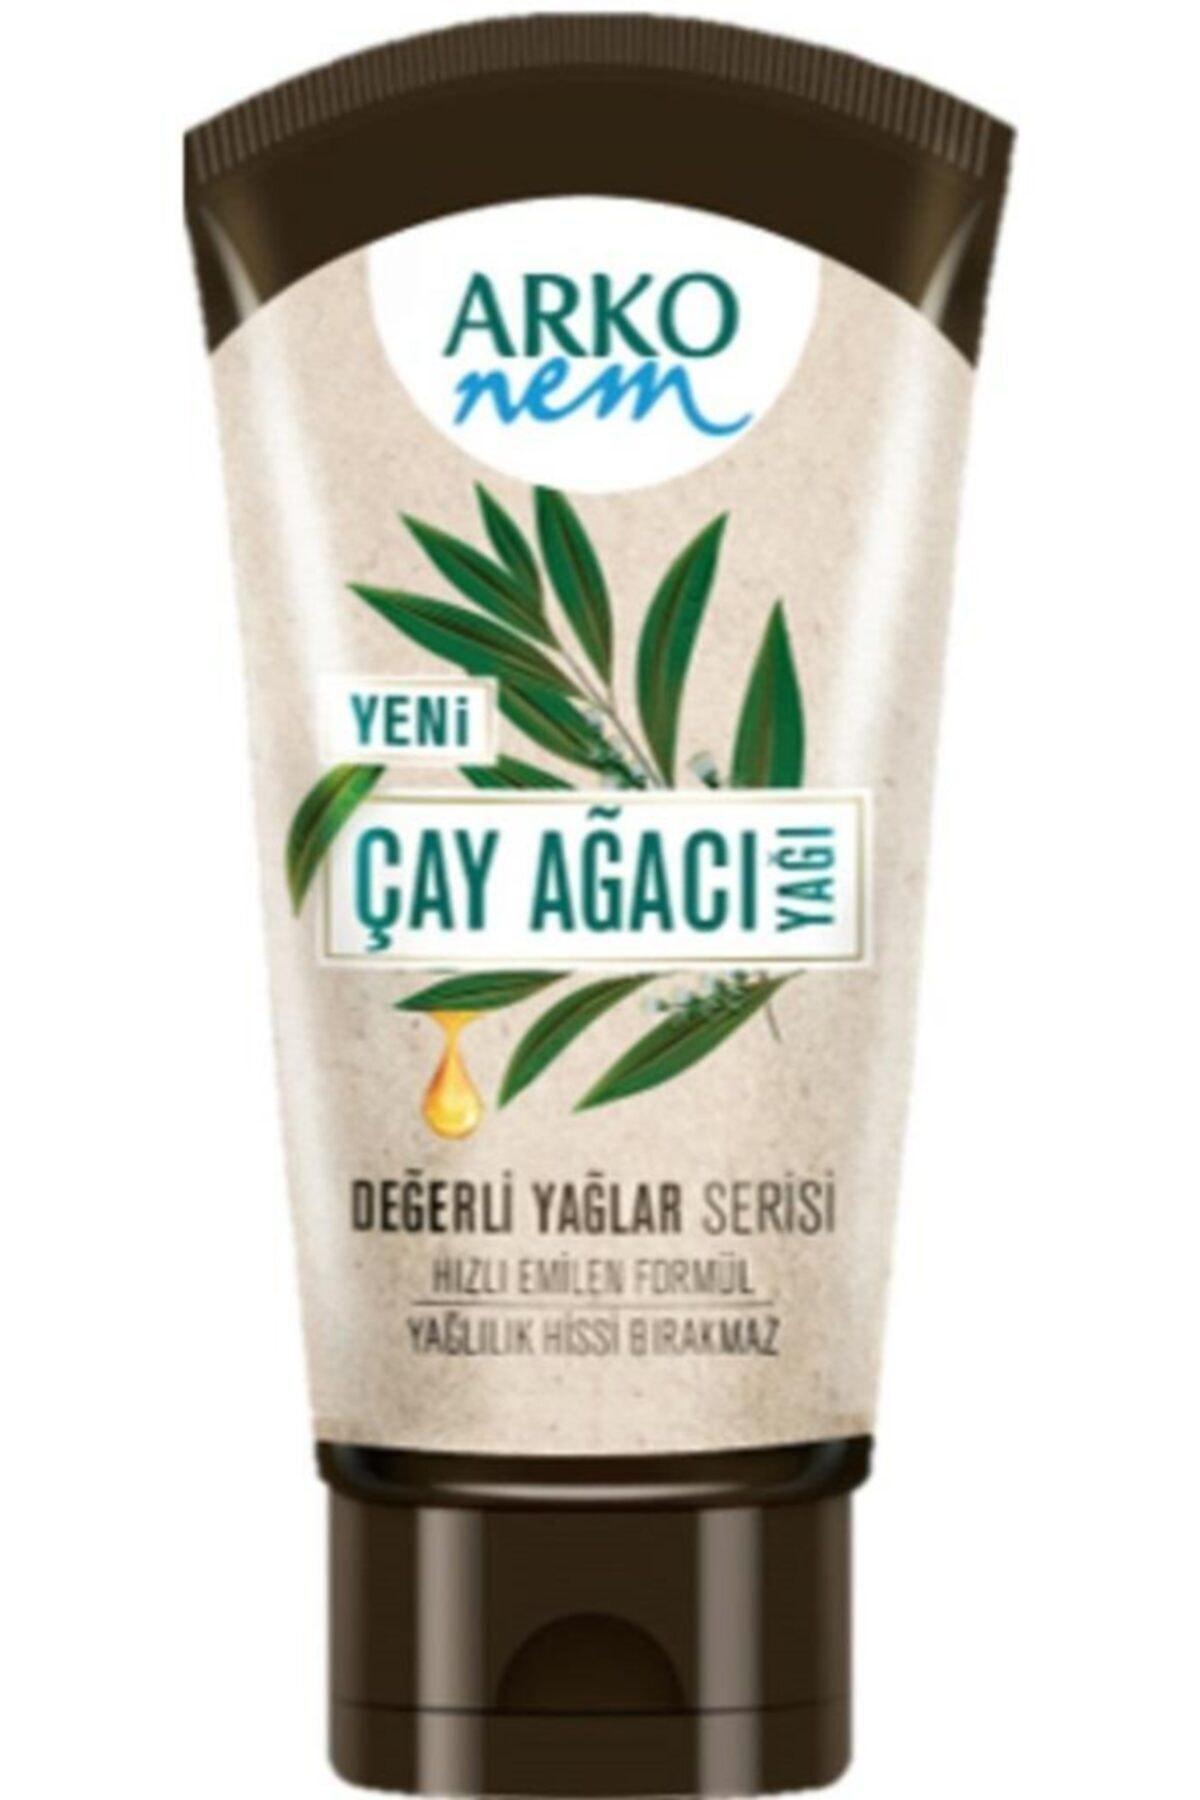 ARKO NEM DEGERLI YAGLAR CAY AGACI 60 ML